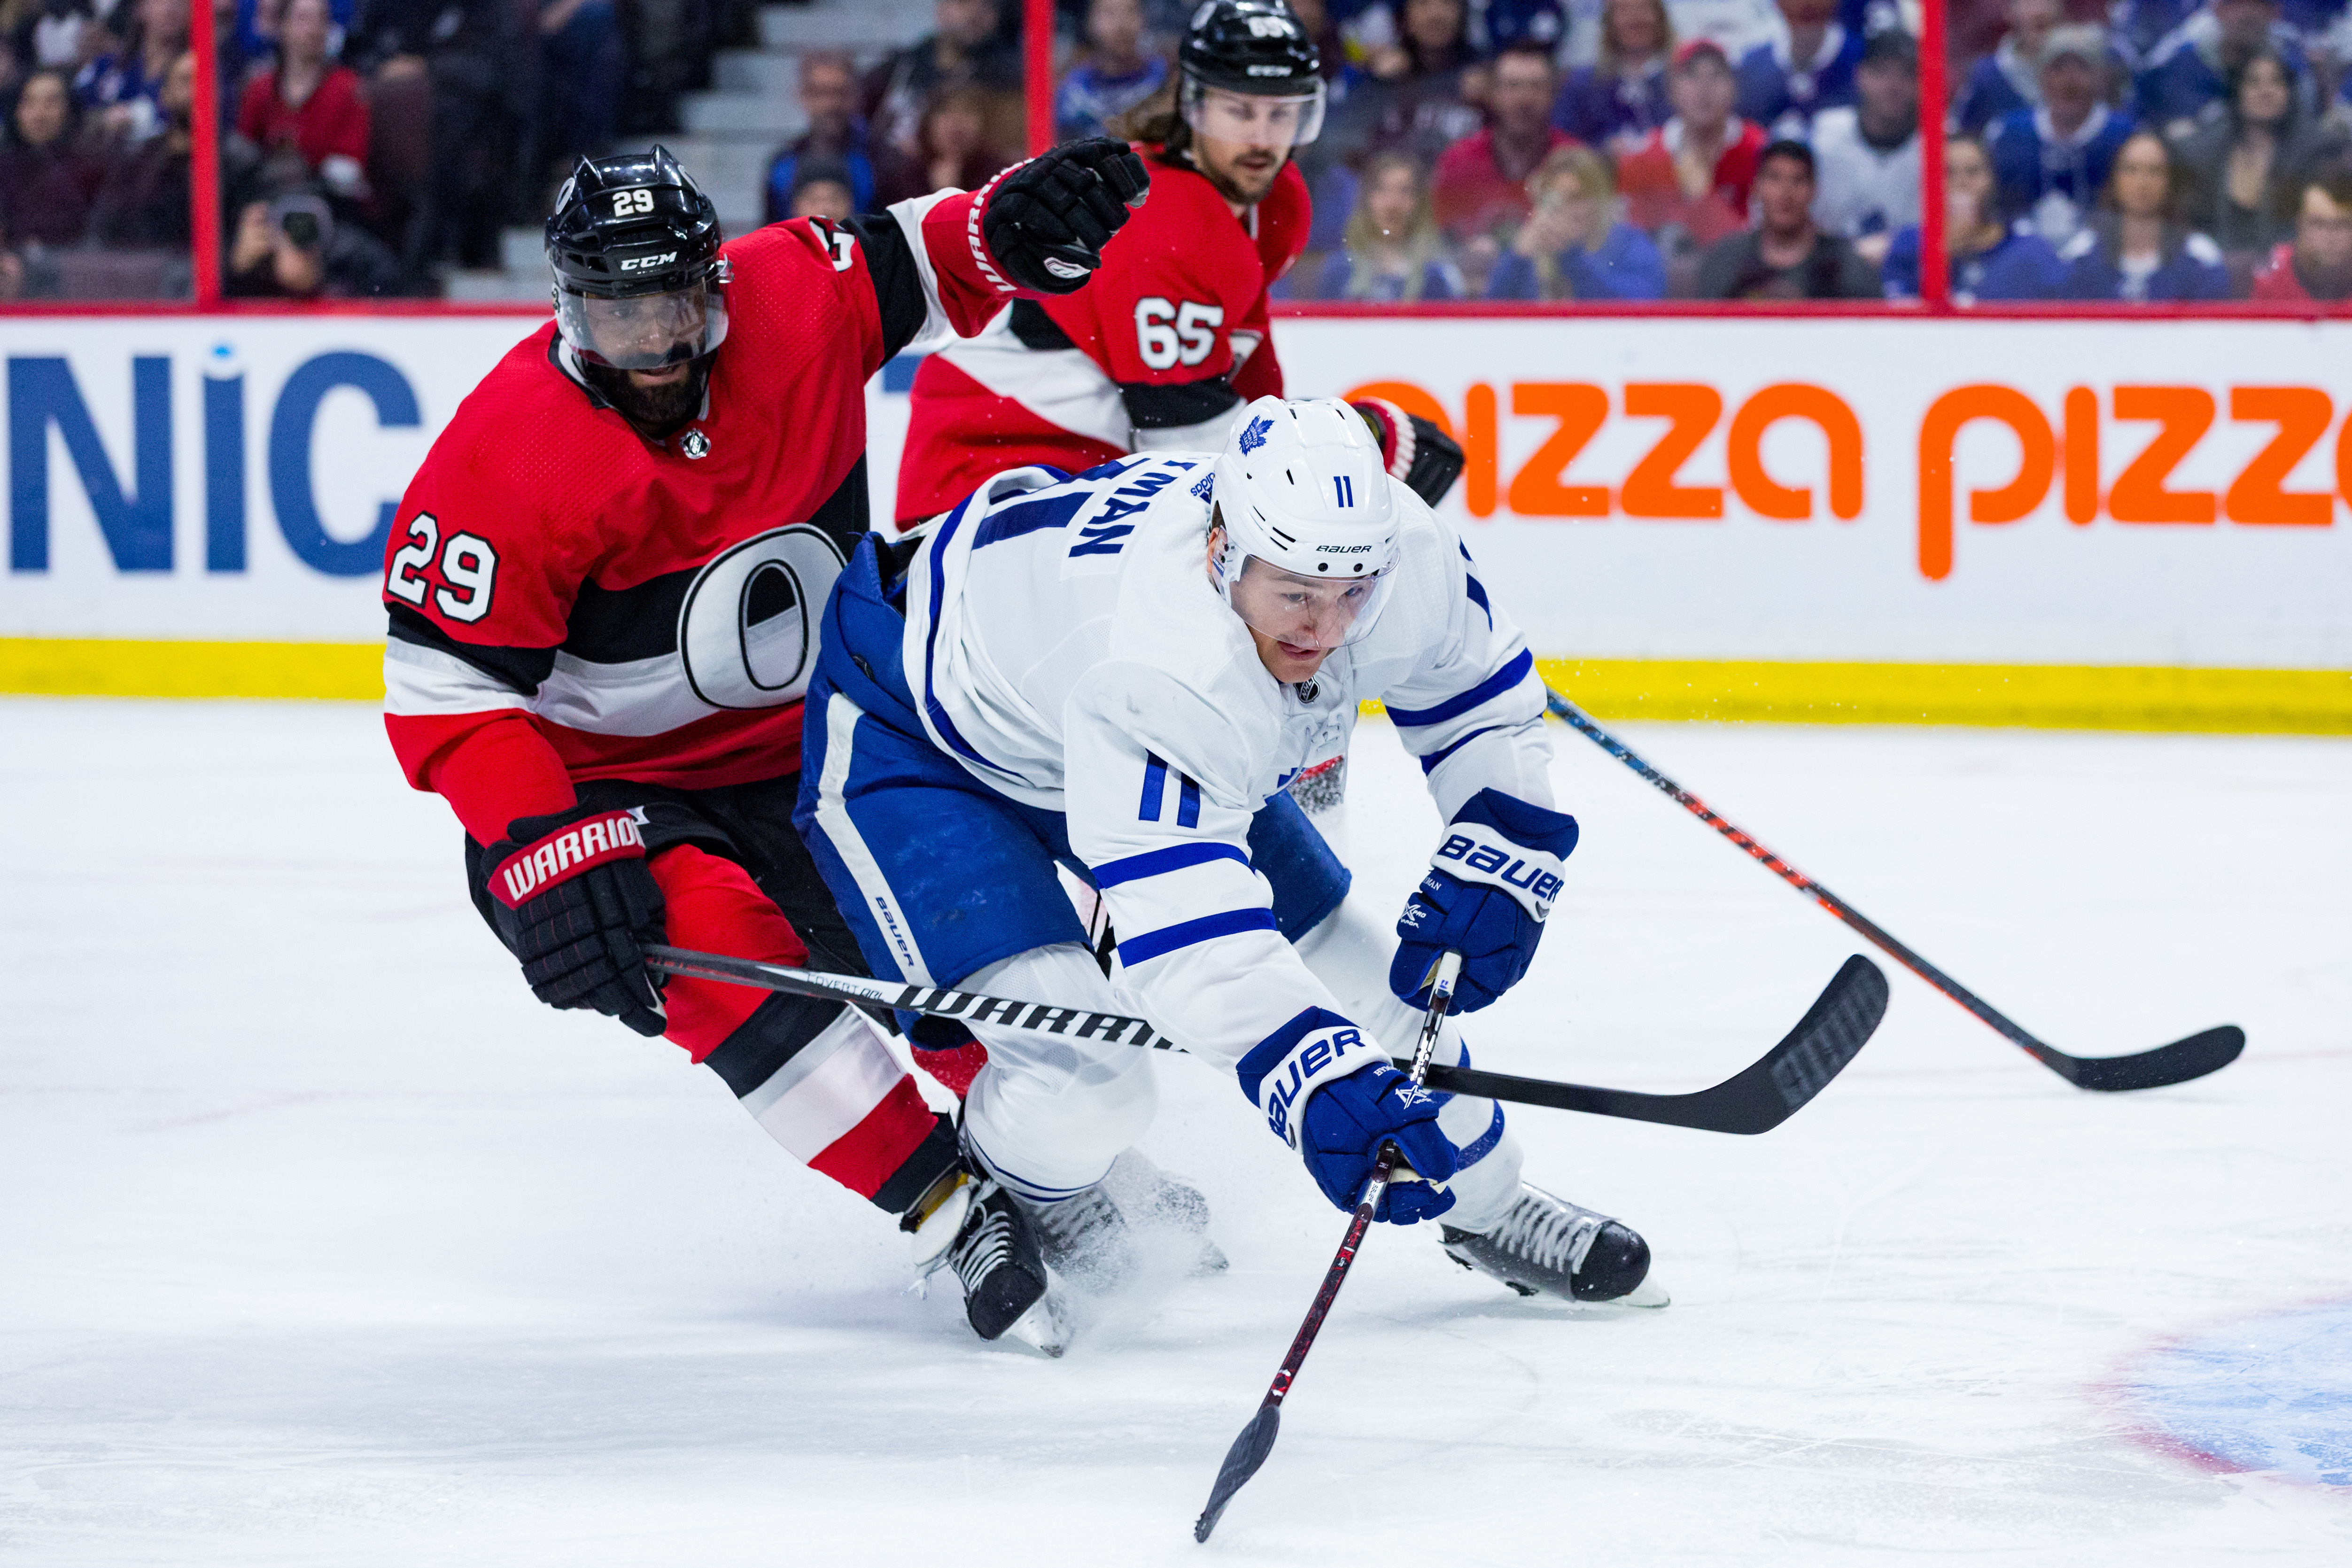 NHL: JAN 20 Maple Leafs at Senators